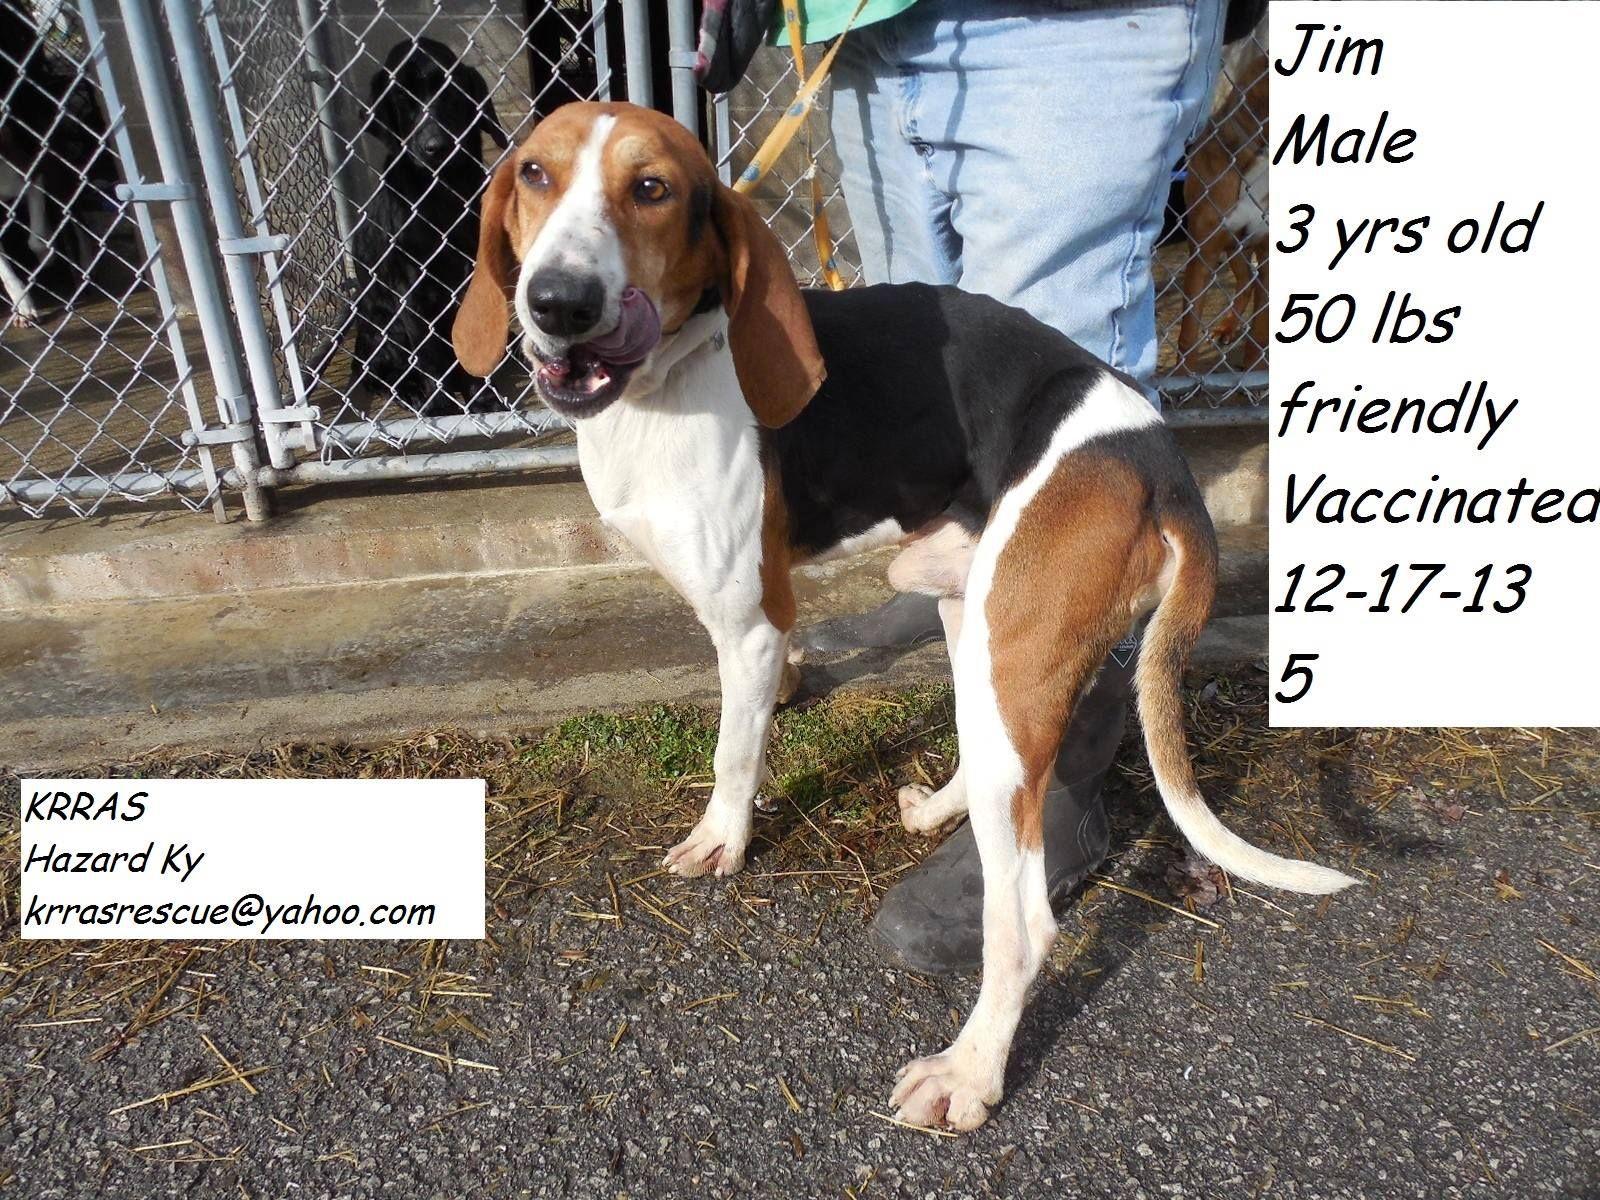 Treeing Walker Coonhound M 3 years 50 lbs  named Jim in